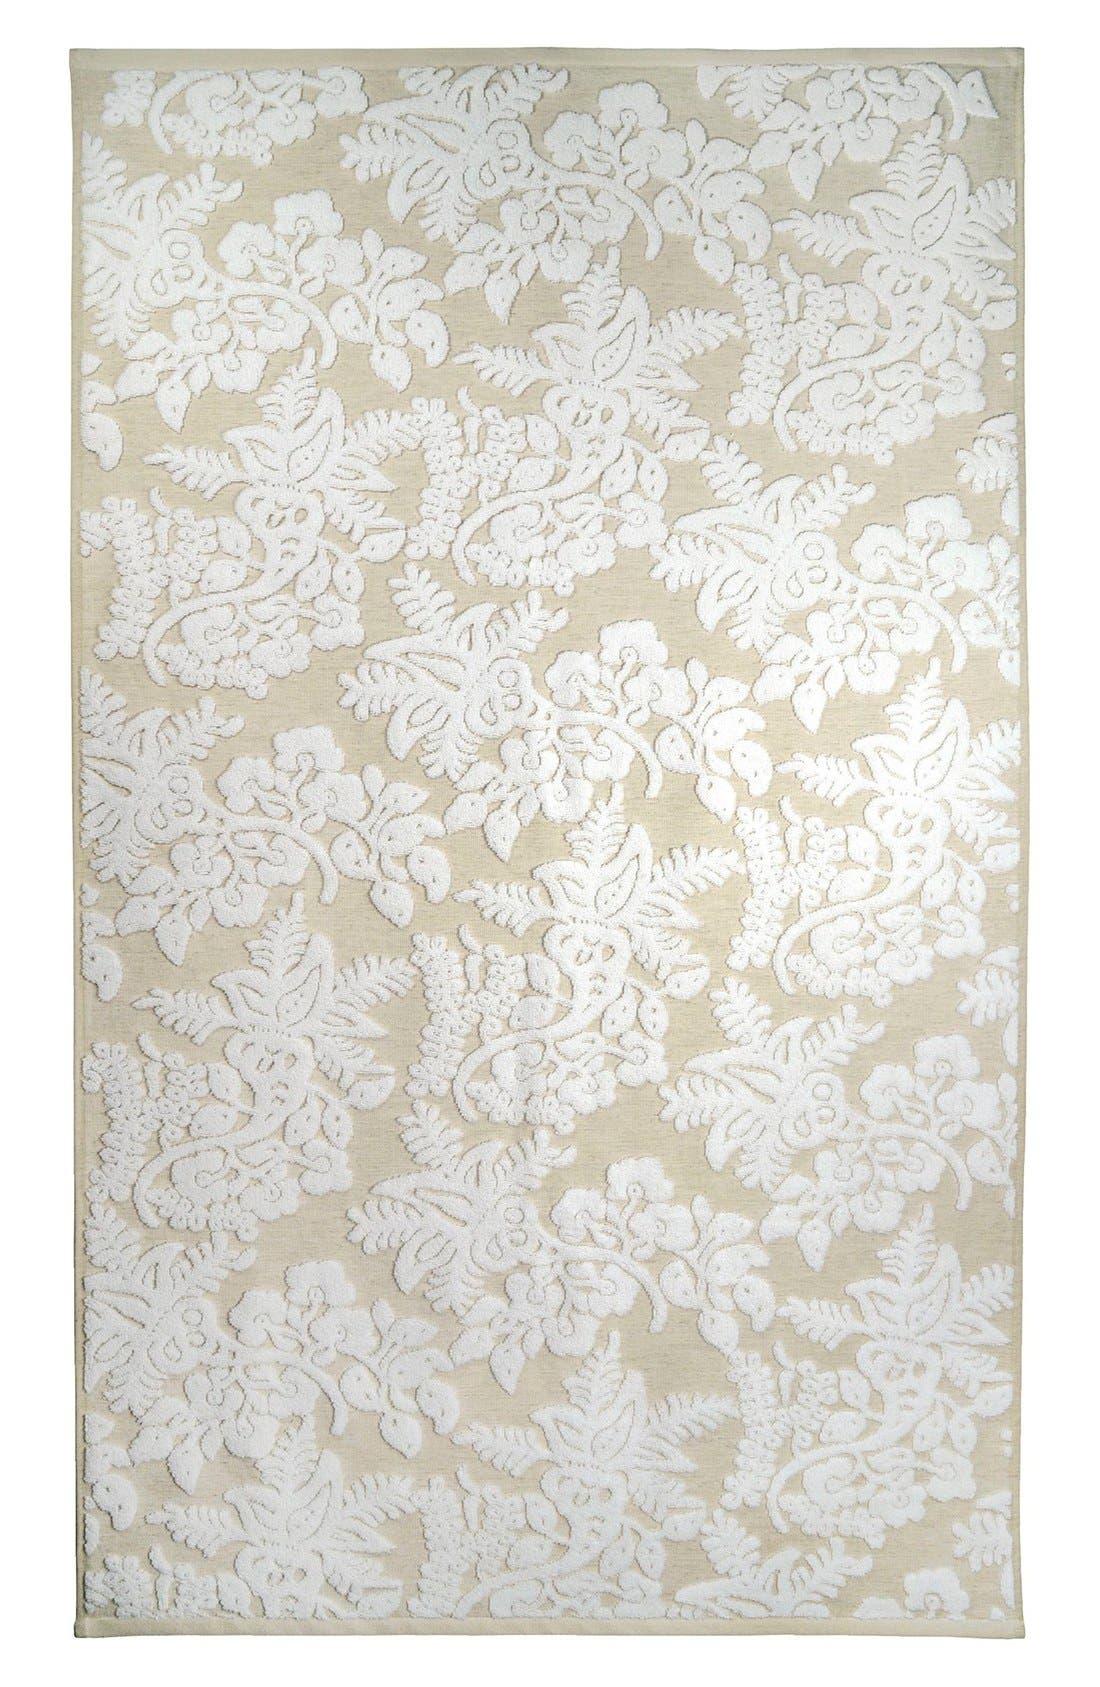 'Pasak' Bath Towel,                         Main,                         color, Linen/ White